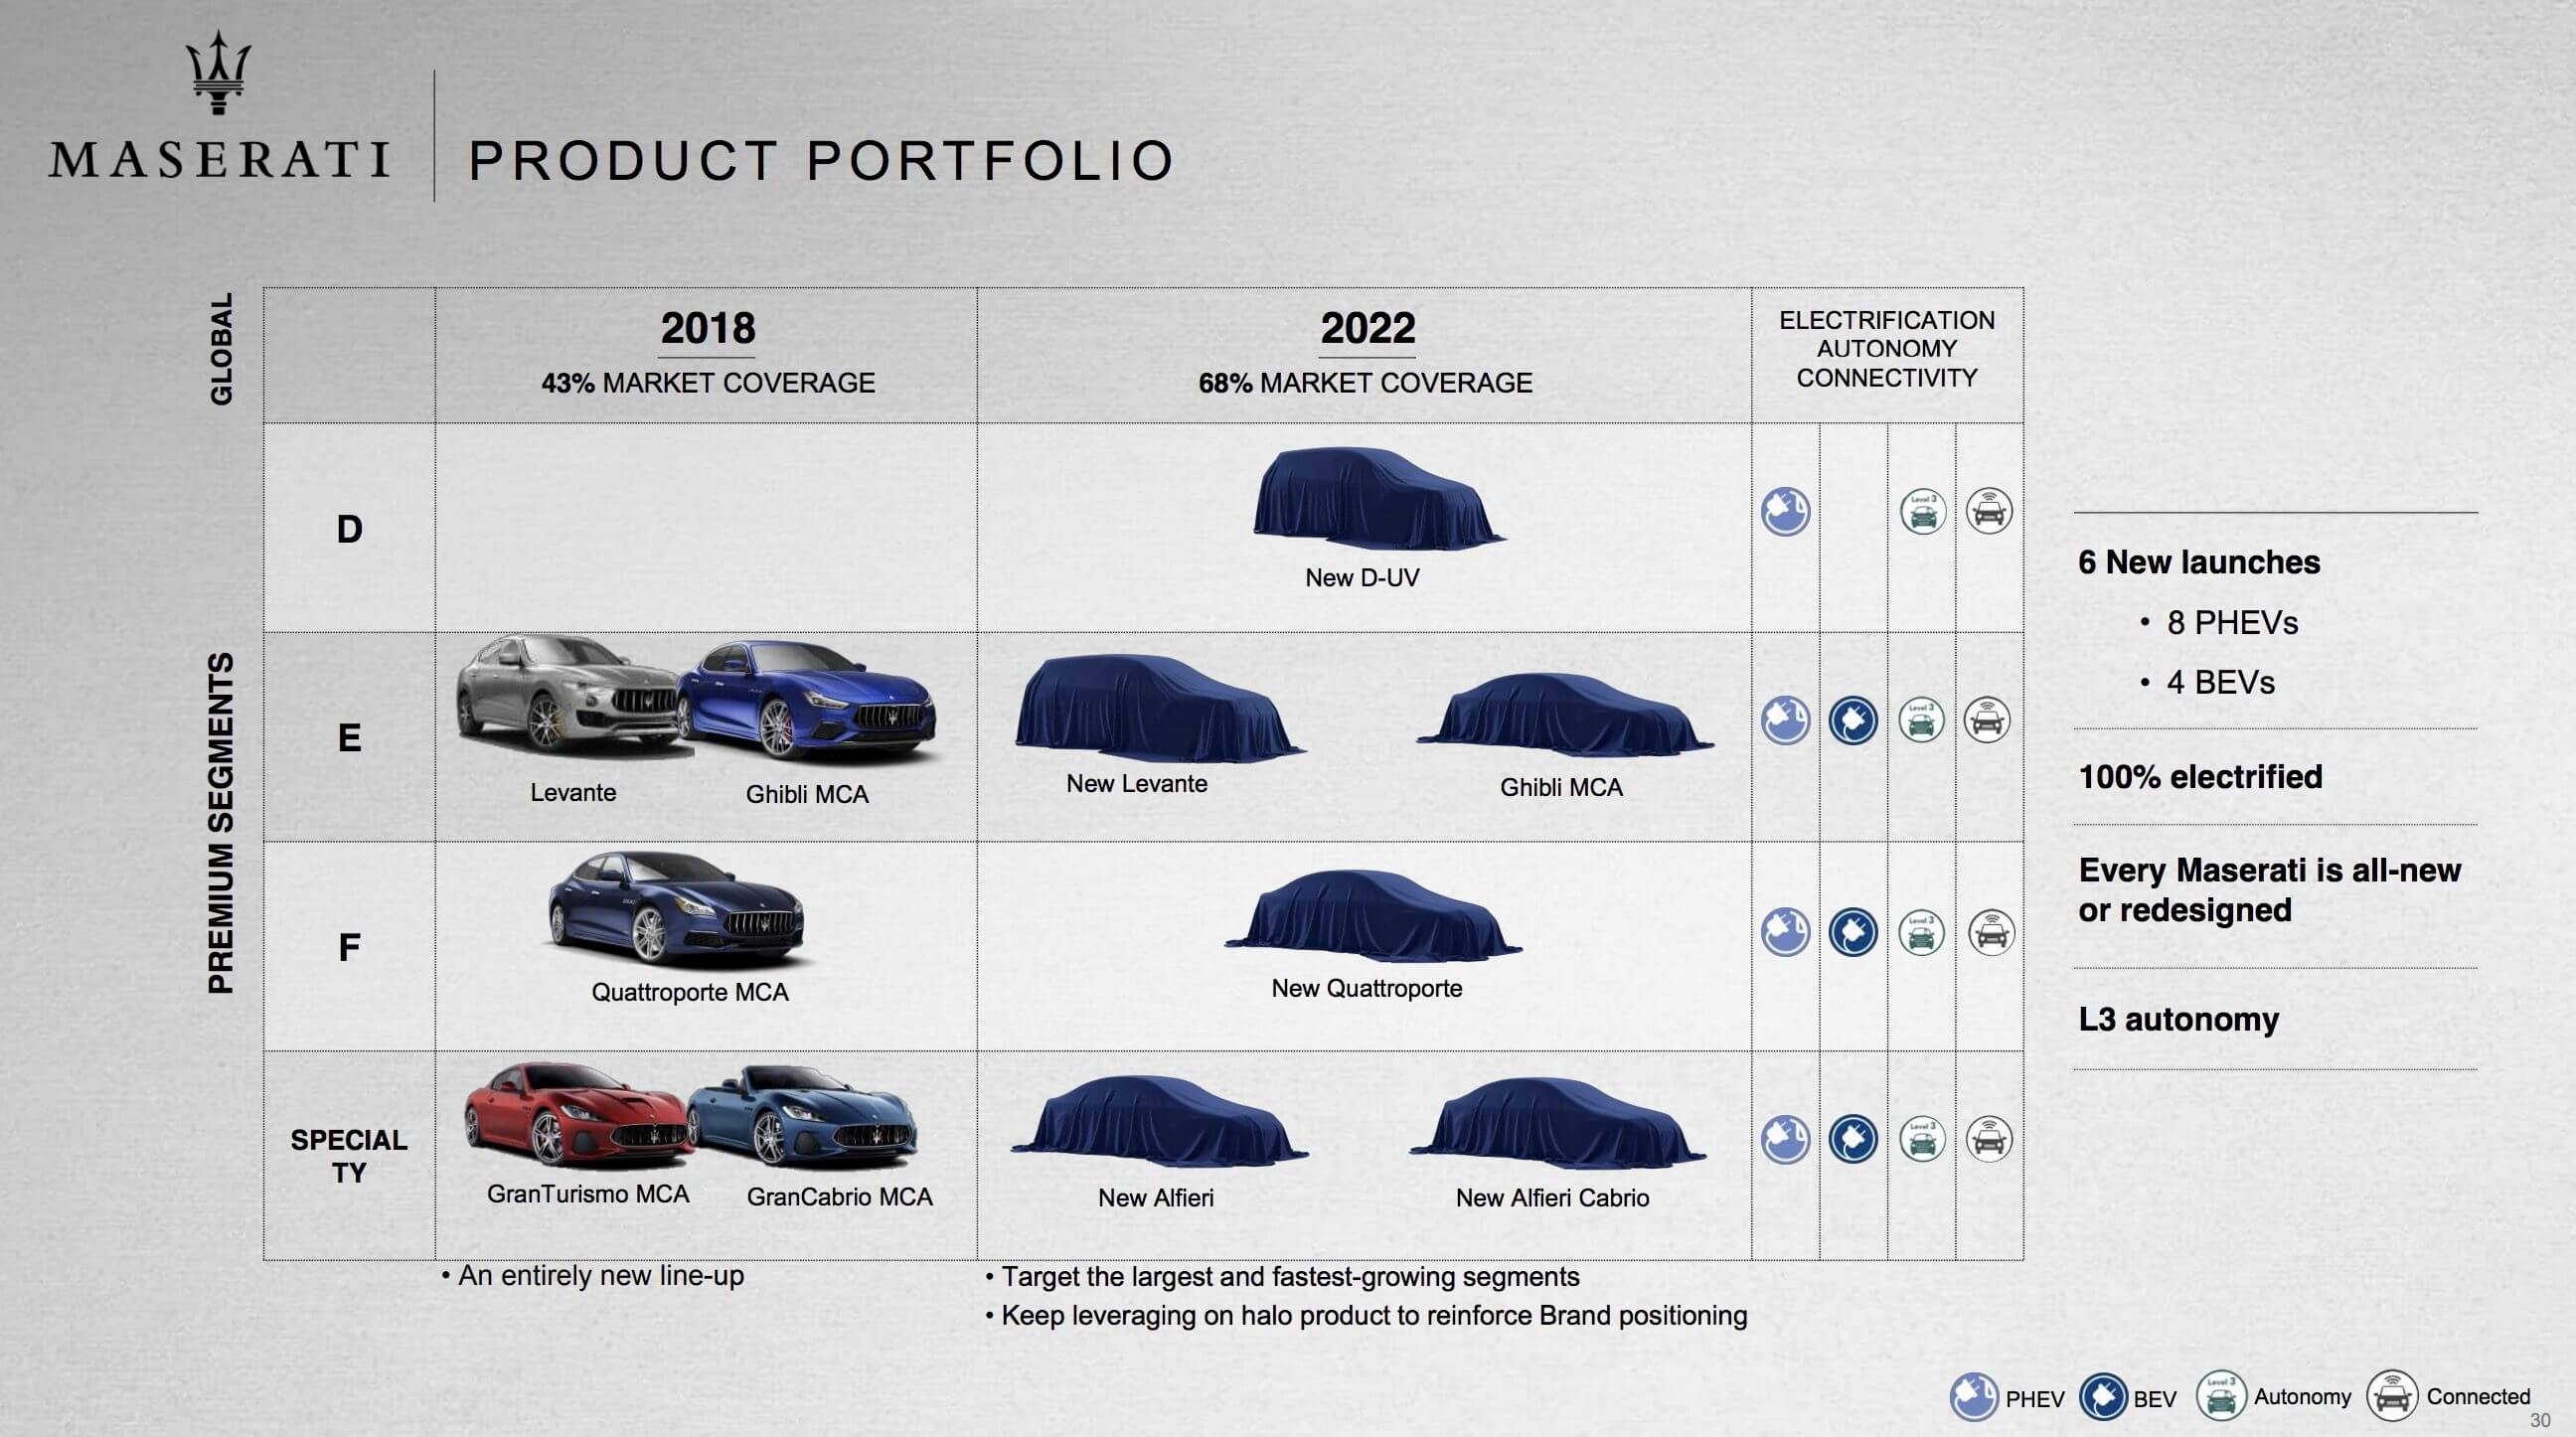 Дорожная карта всего модельного ряда Maserati к 2022 года